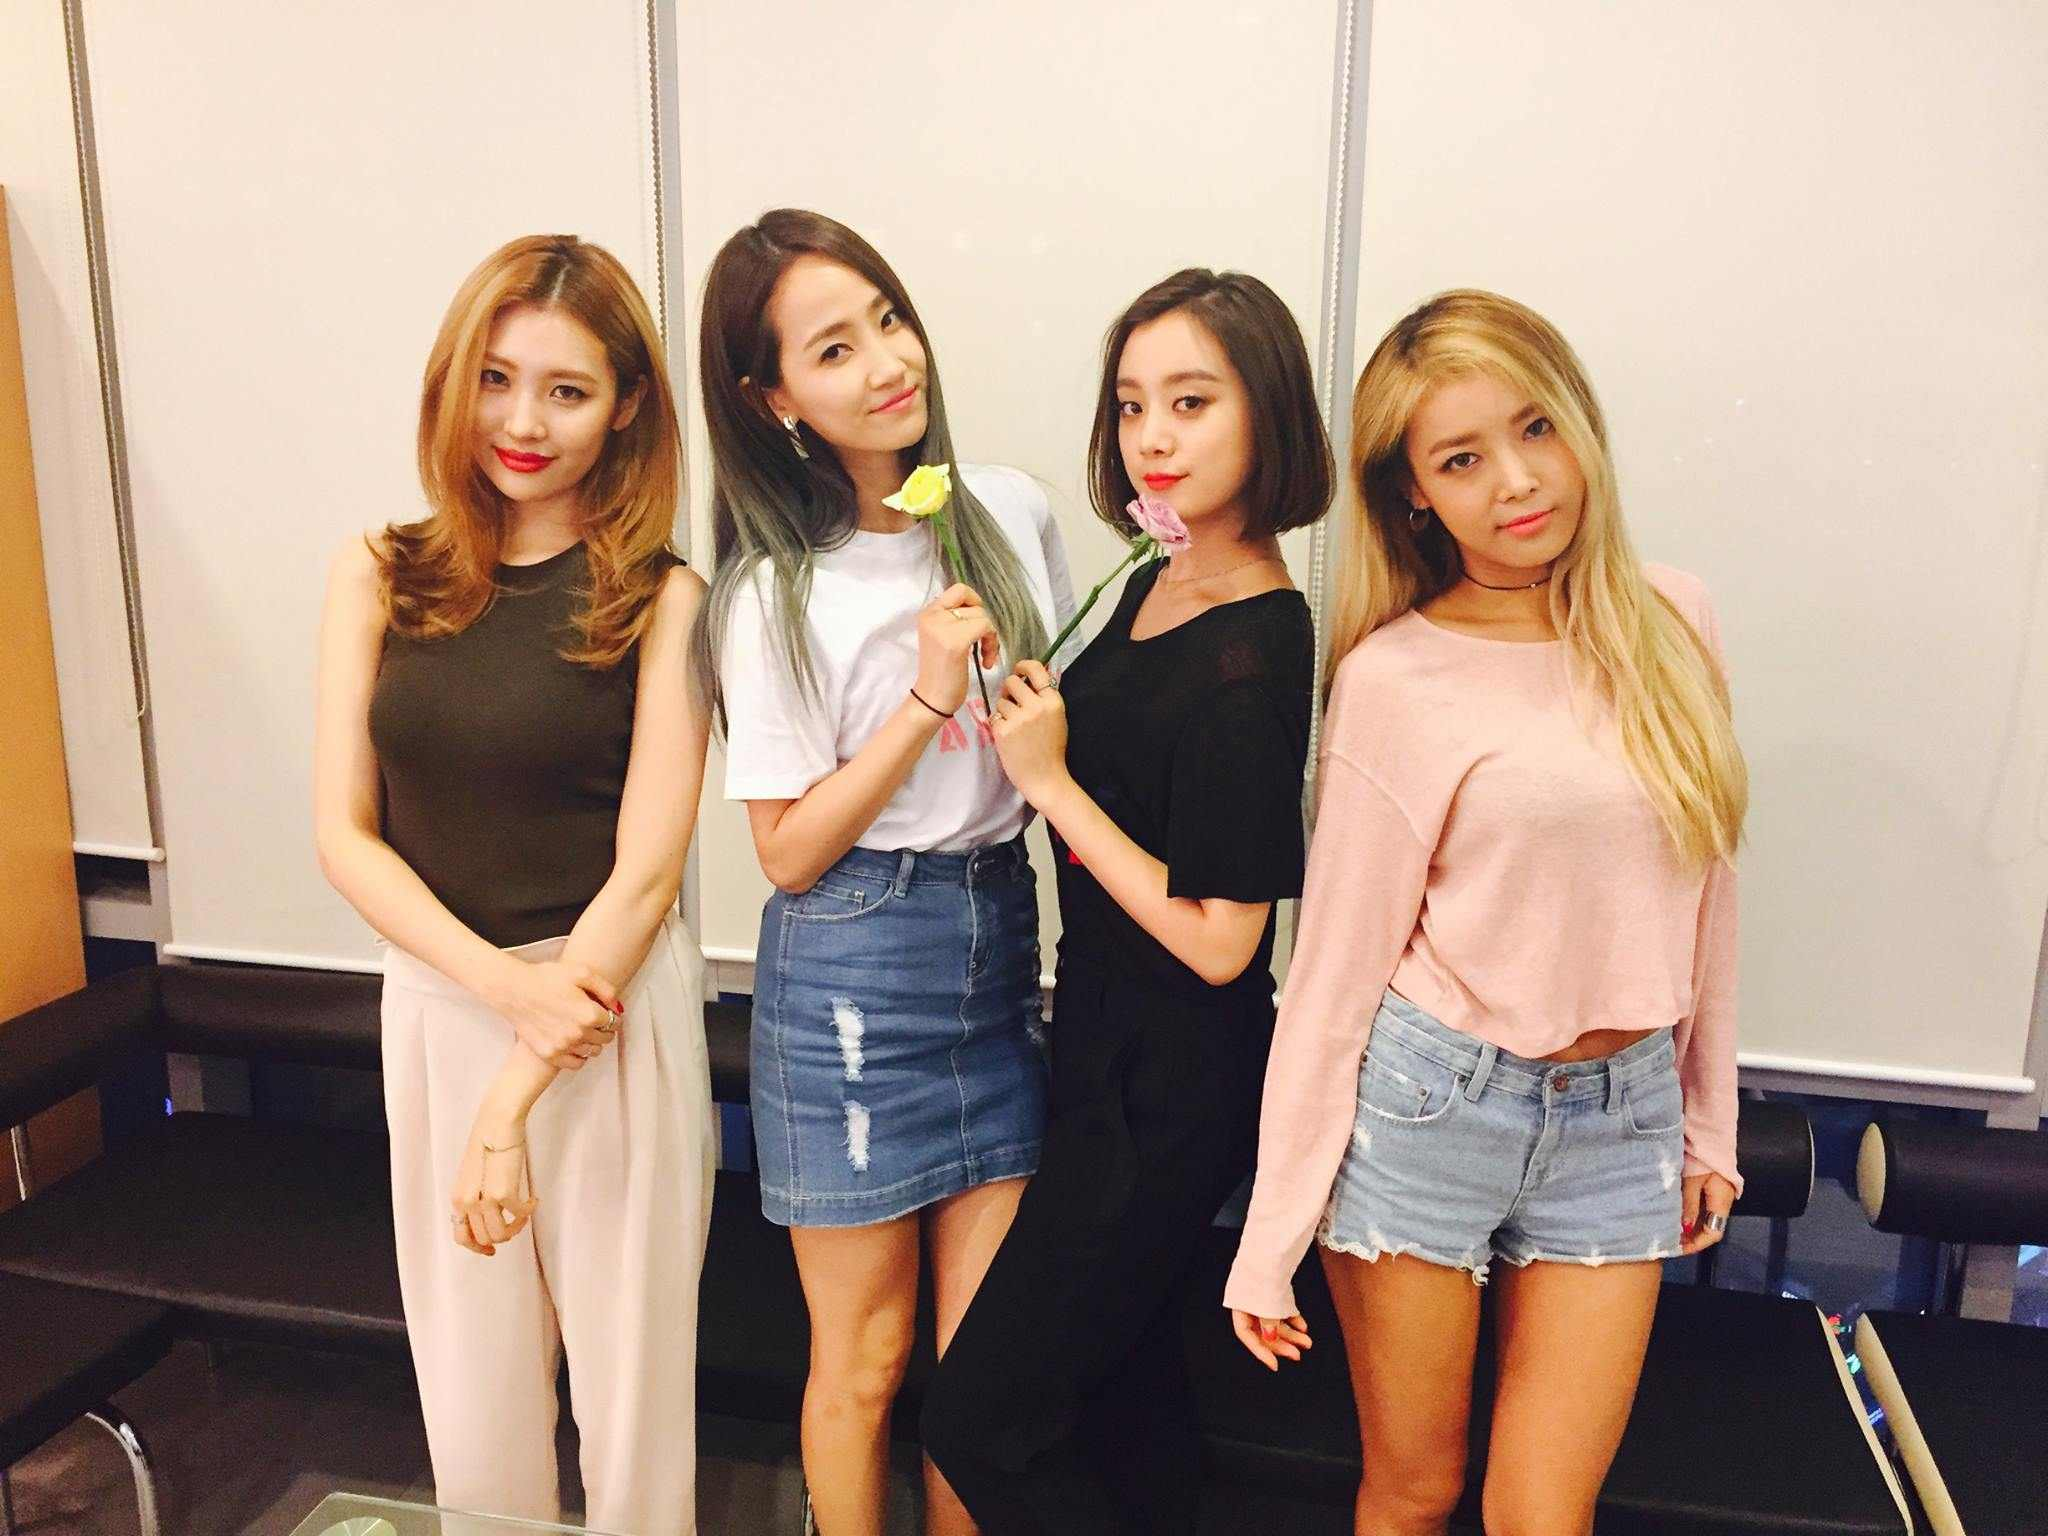 是的!這個為了「考驗人類意志」而生的團體就是Wonder girls,雖然現在Wonder girls以K-POP來看影響力確實是不如少女時代,但是她們創下許多成績,可是到現在還是難以打破的